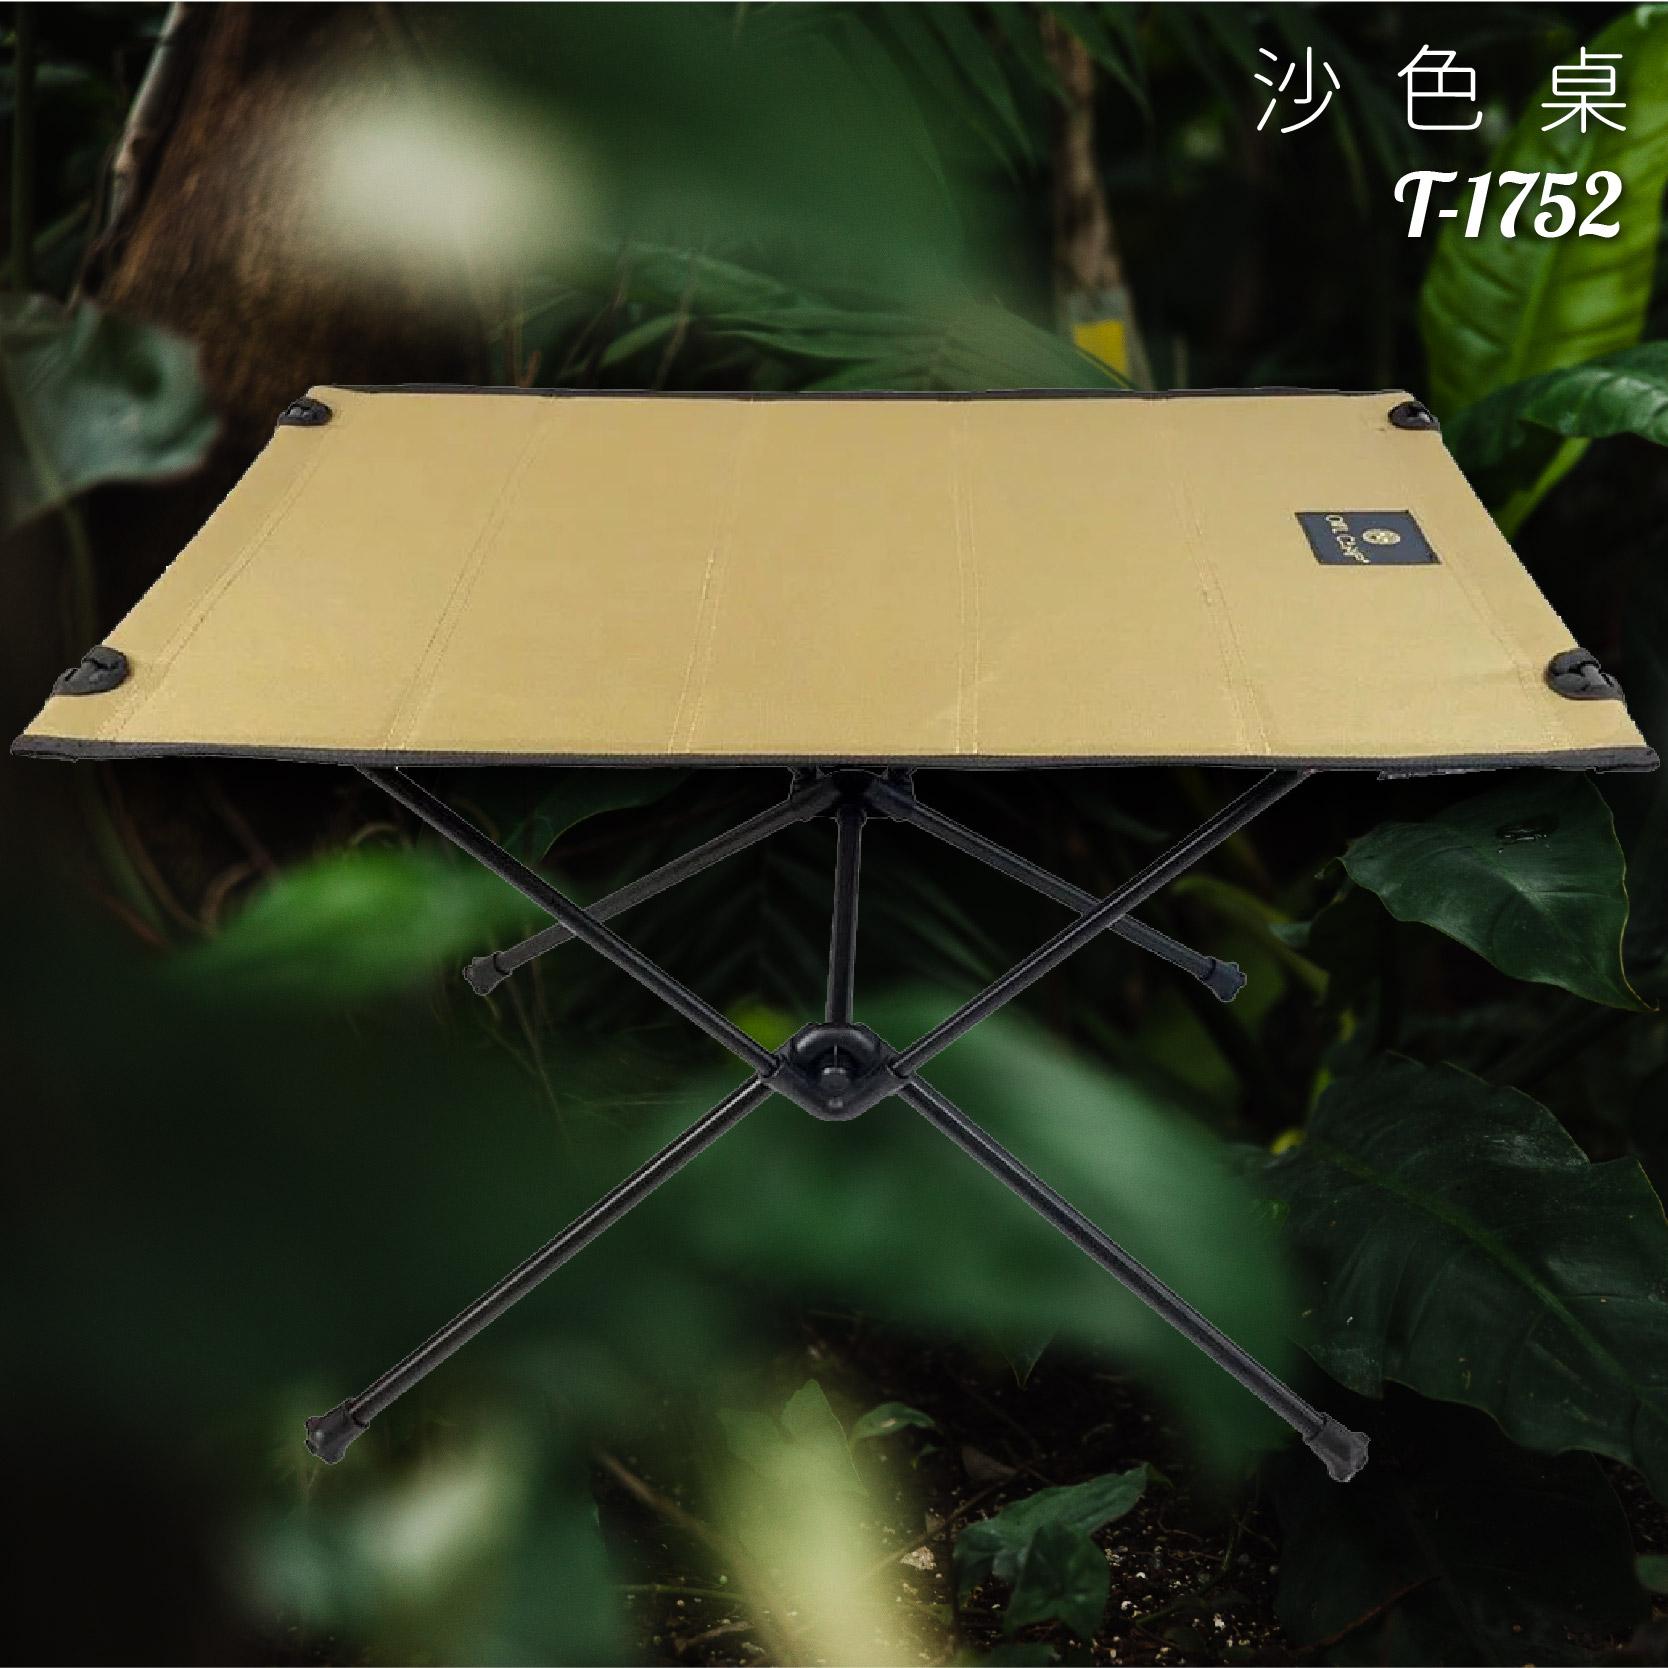 好想去旅行!桌子 T-1752 沙色 露營桌 摺疊桌 收納桌 沙灘桌 輕巧 時尚 旅行 假期 鋁合金 機能布 森林